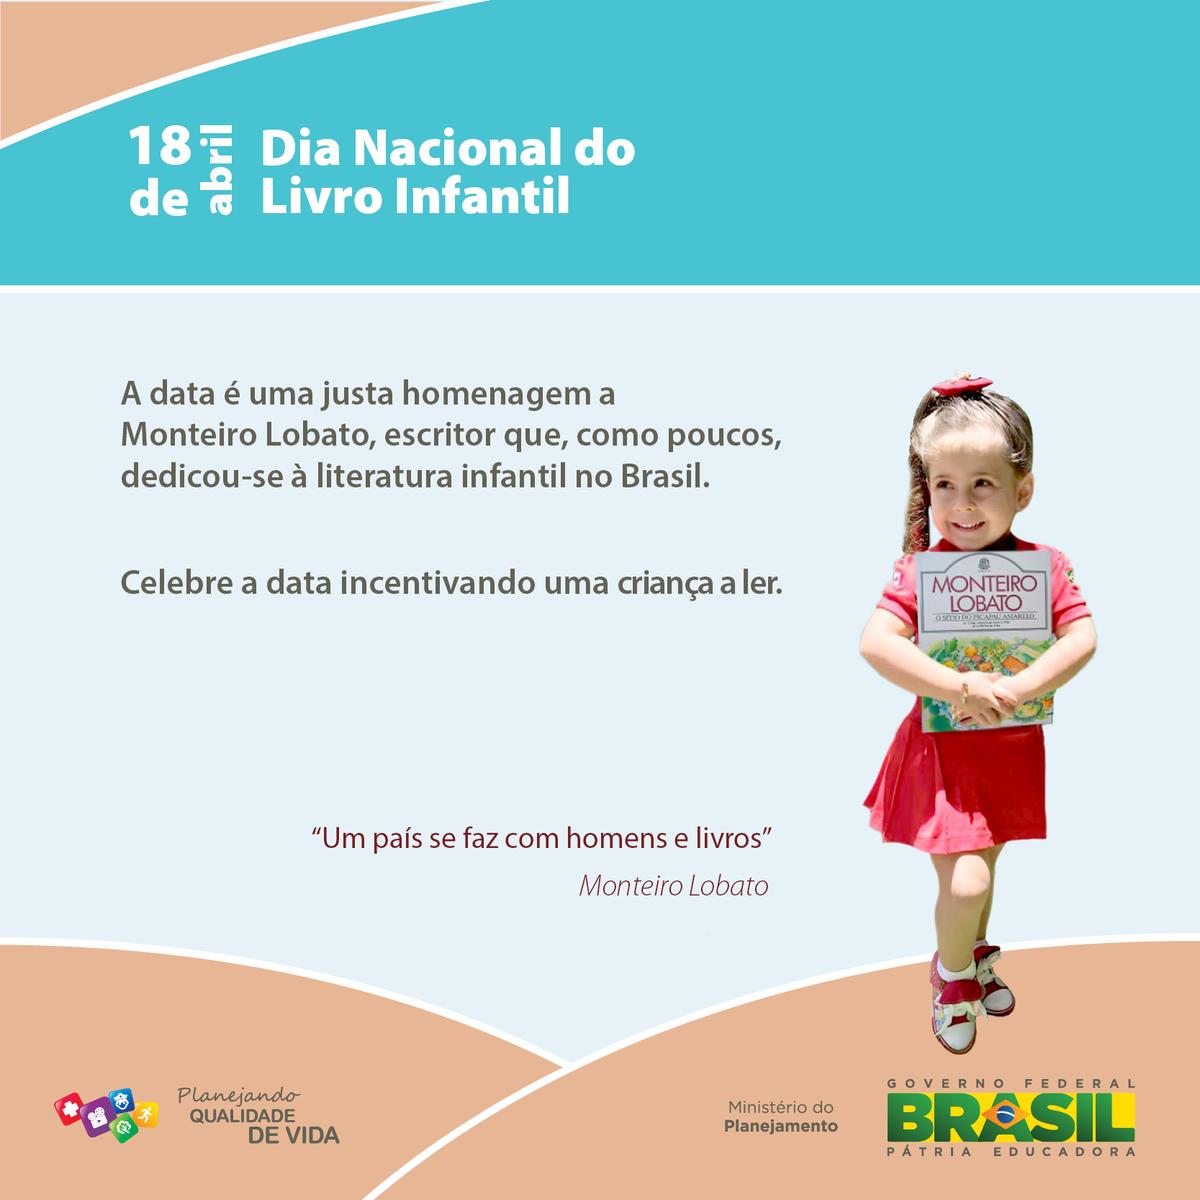 Resultado de imagem para Quem mal lê, mal ouve, mal ouve, mal fala, mal vê. Escritor Monteiro Lobato.